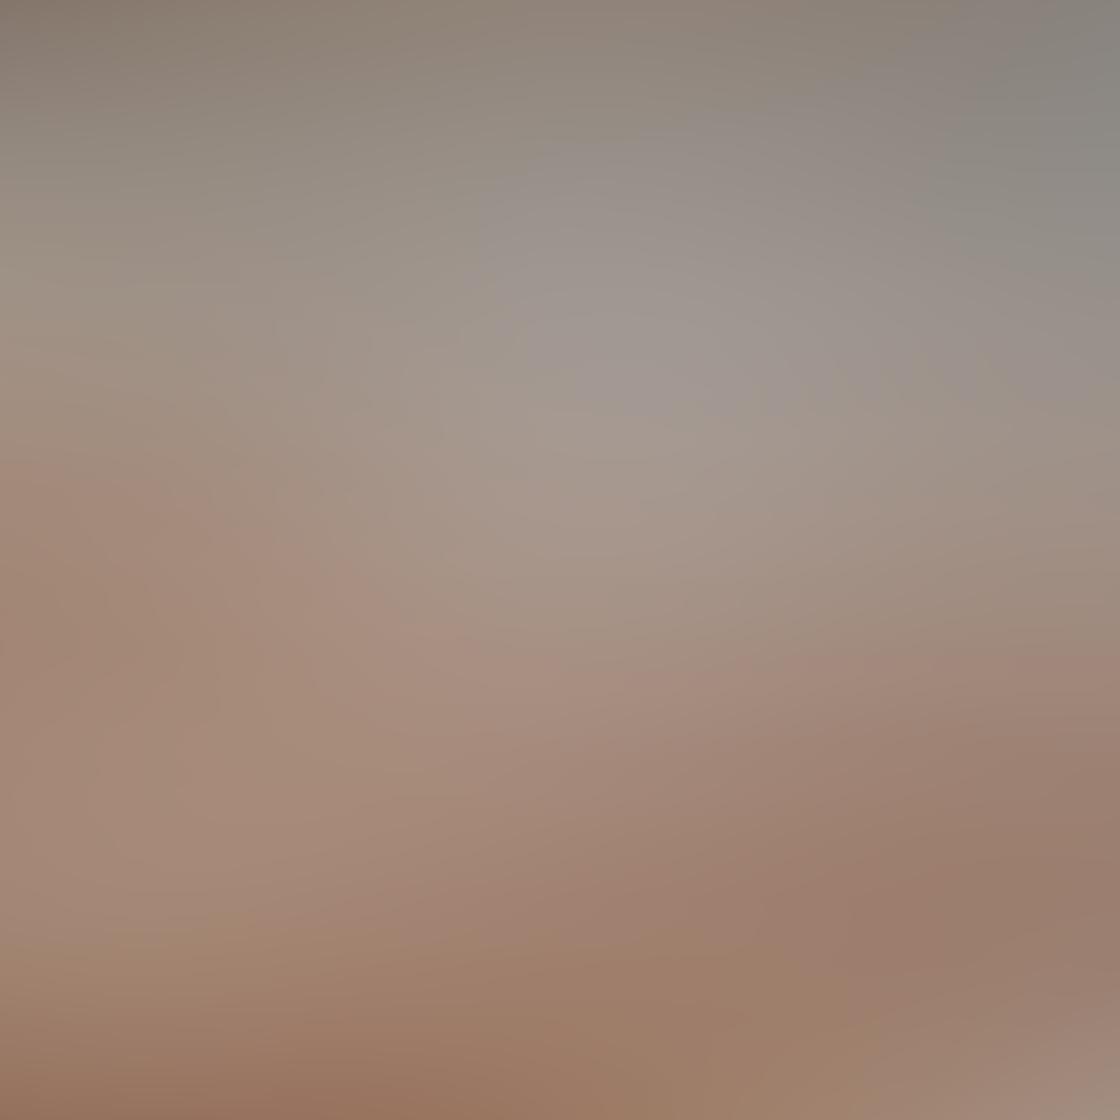 iPhone Photos Texture 40